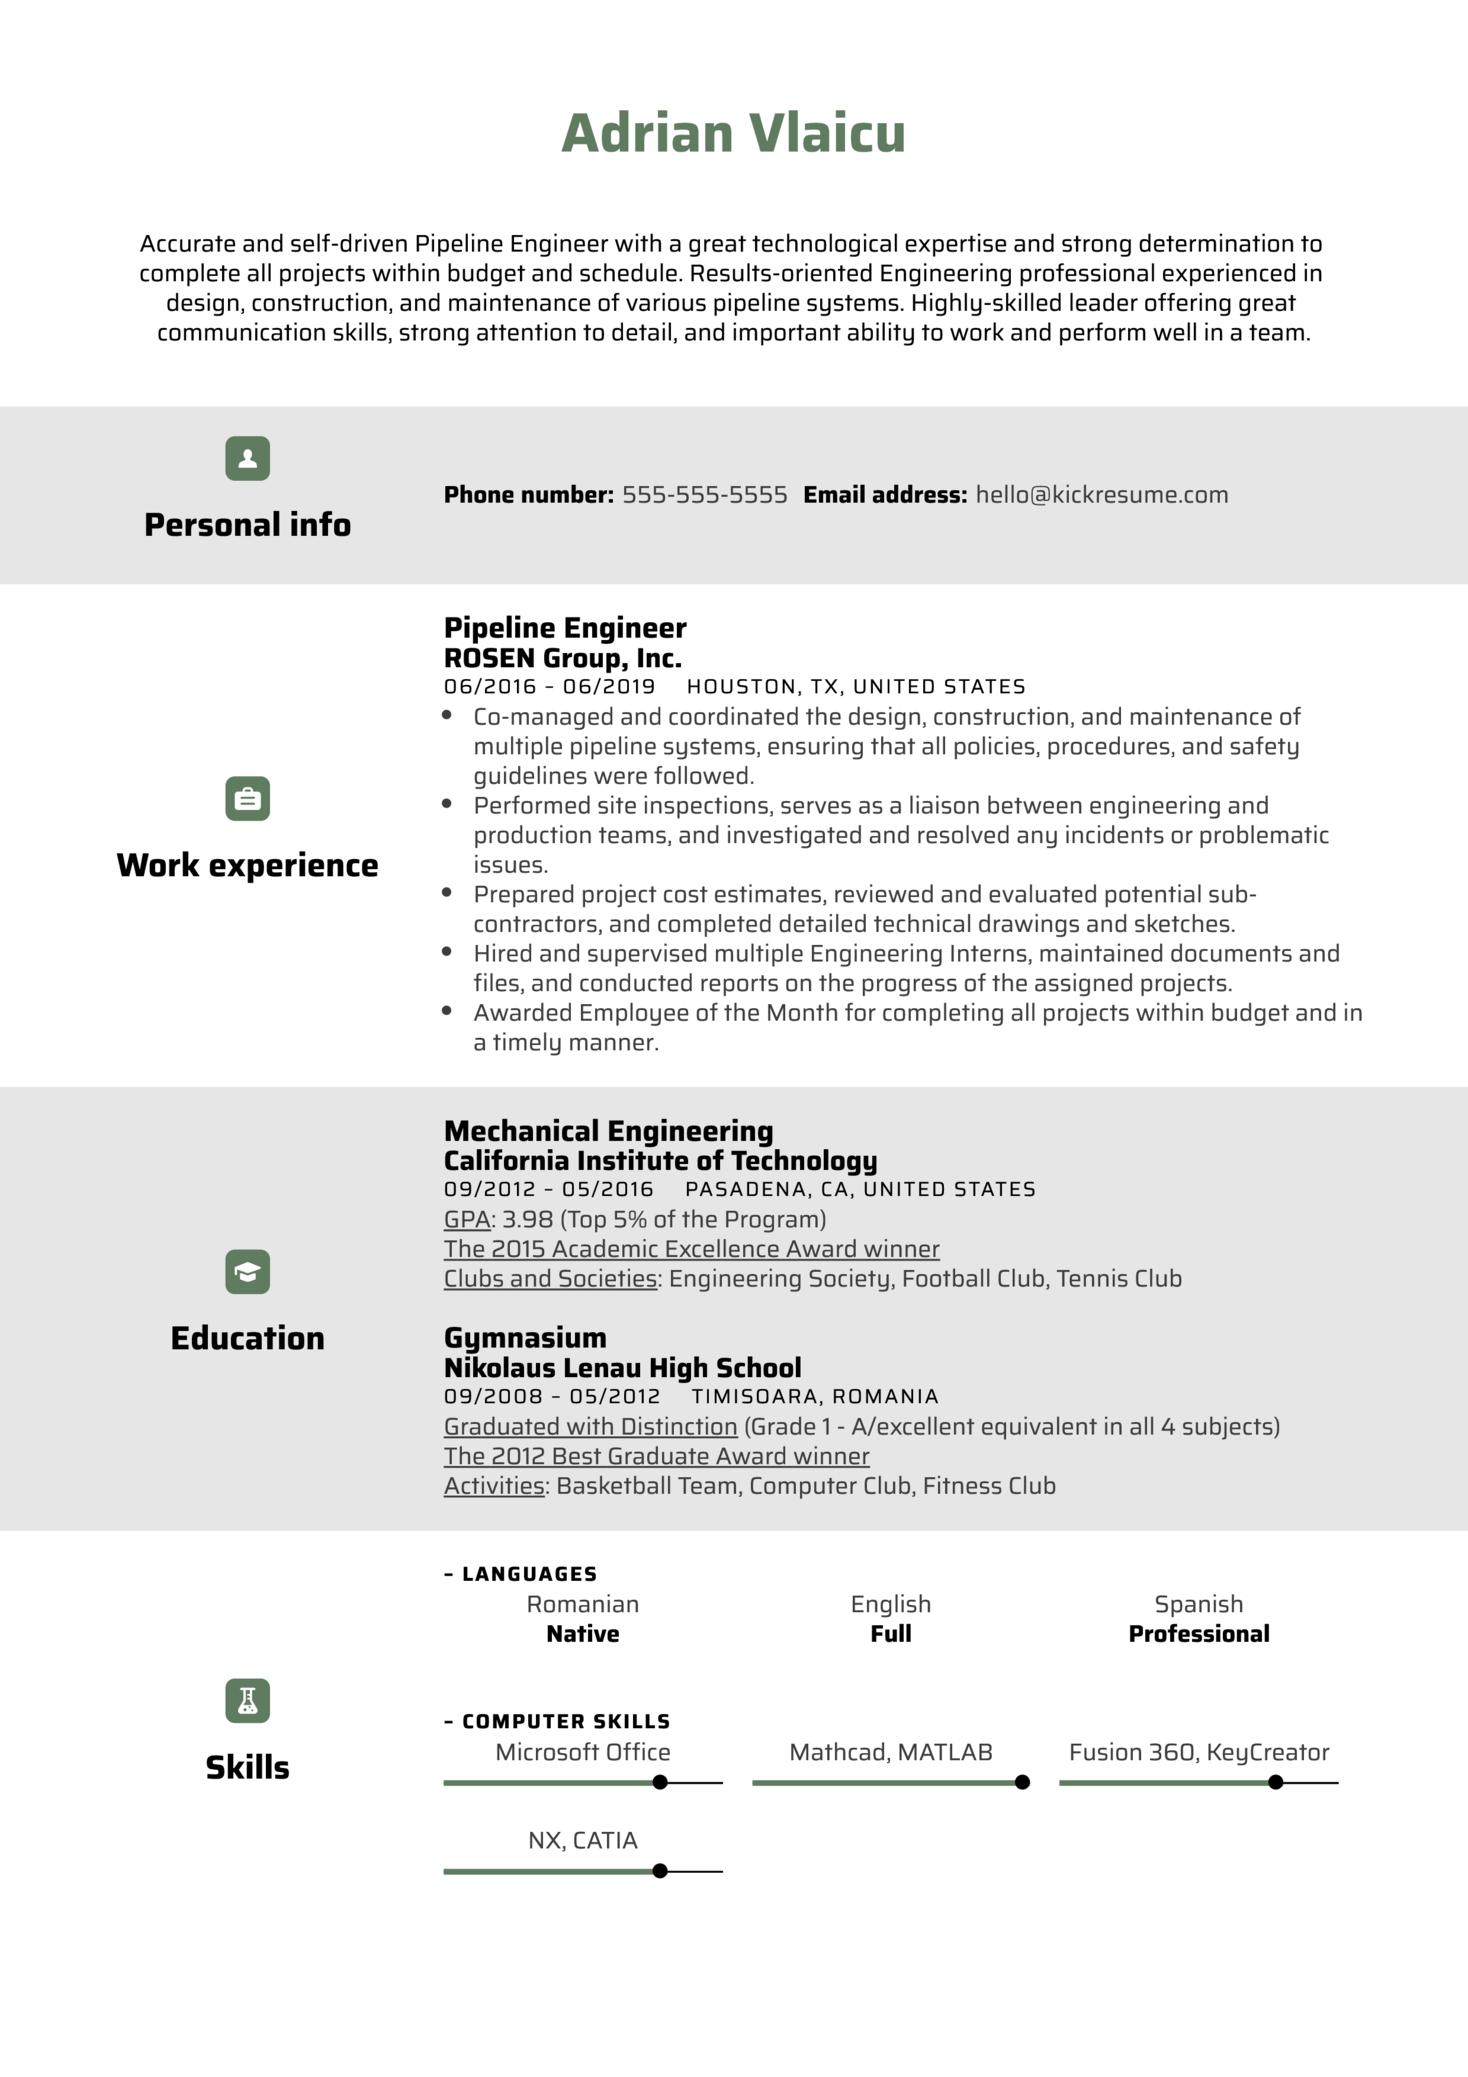 Pipeline Engineer Resume Sample (Teil 1)